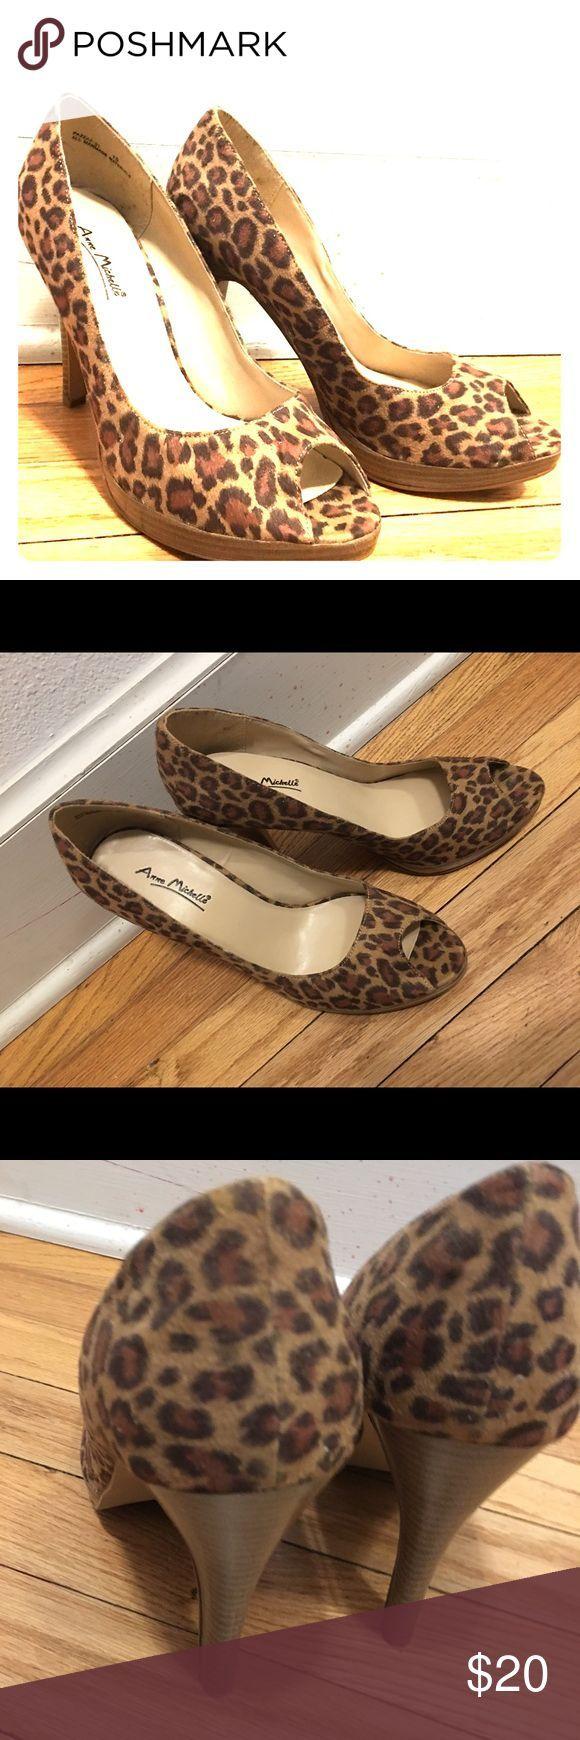 Leopard peeptoe hak schoen pinup faux suede NIEUW 7.5 Gloednieuwe Anne Michelle …